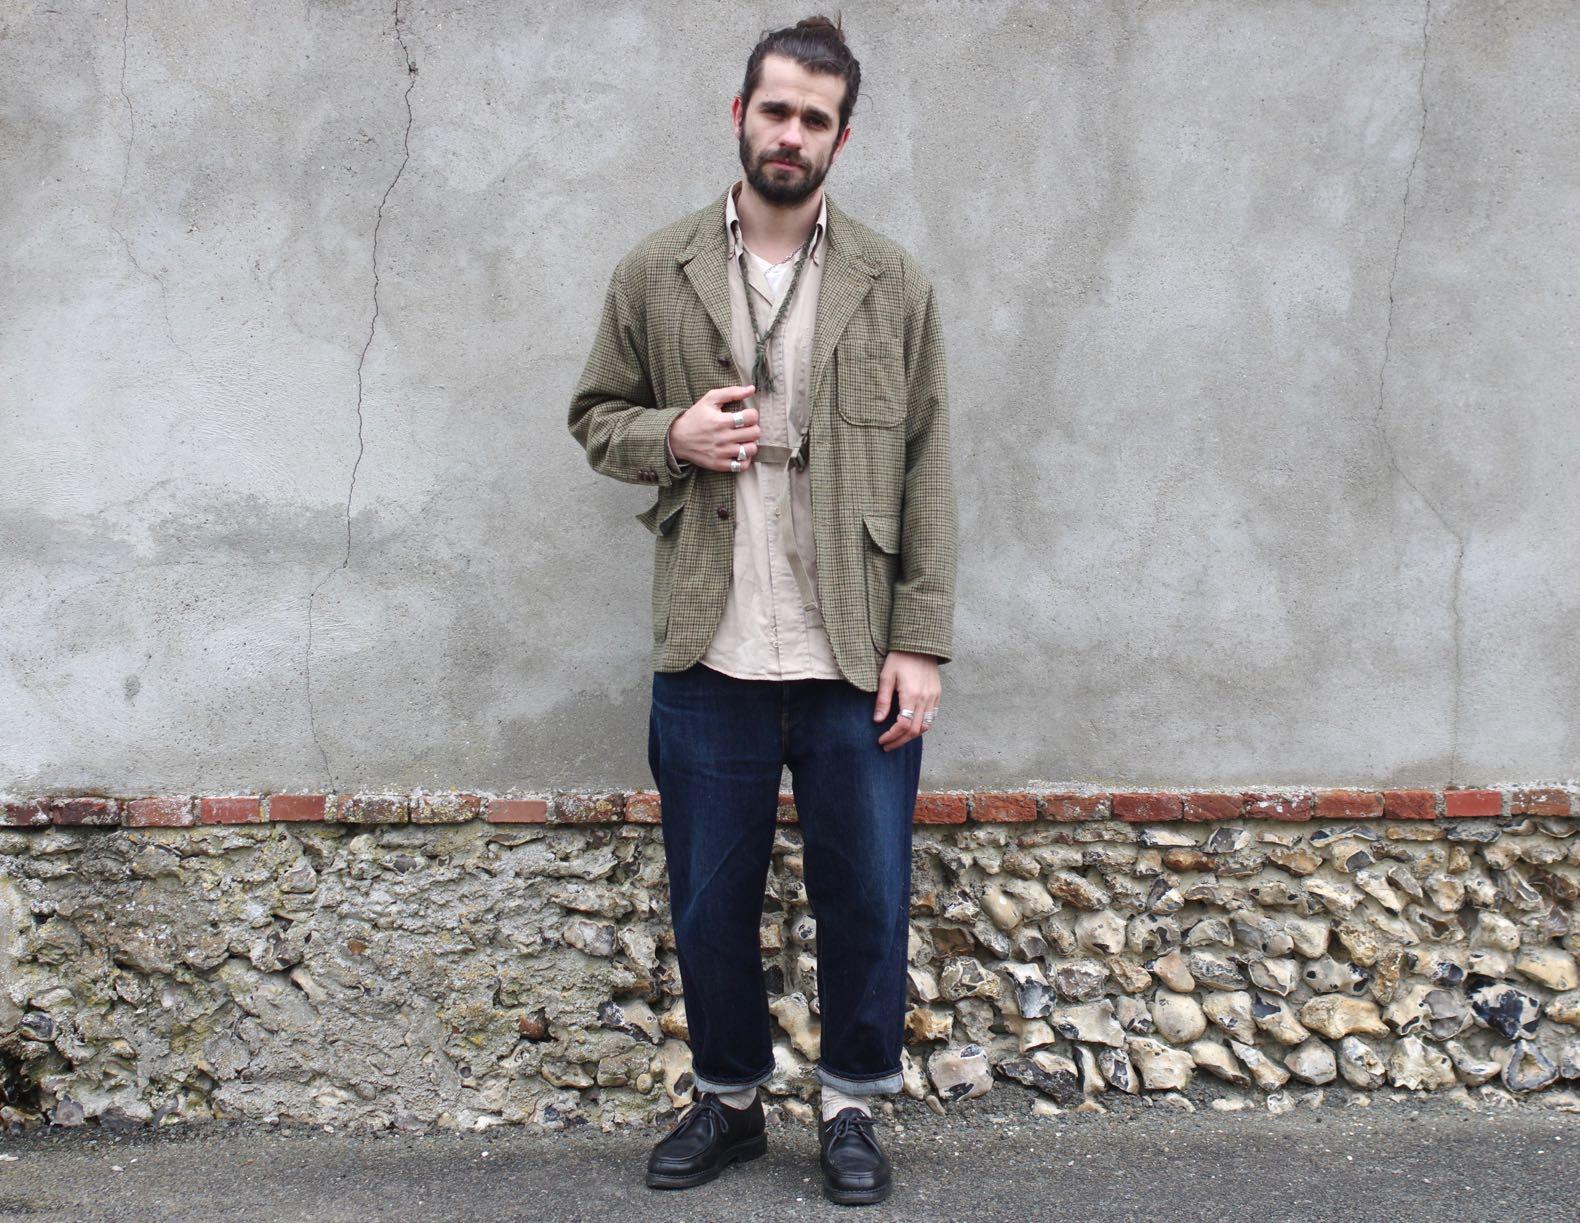 tenue avec des vêtements larges dont uen veste en motif pied de poule et jean loose tapered borali